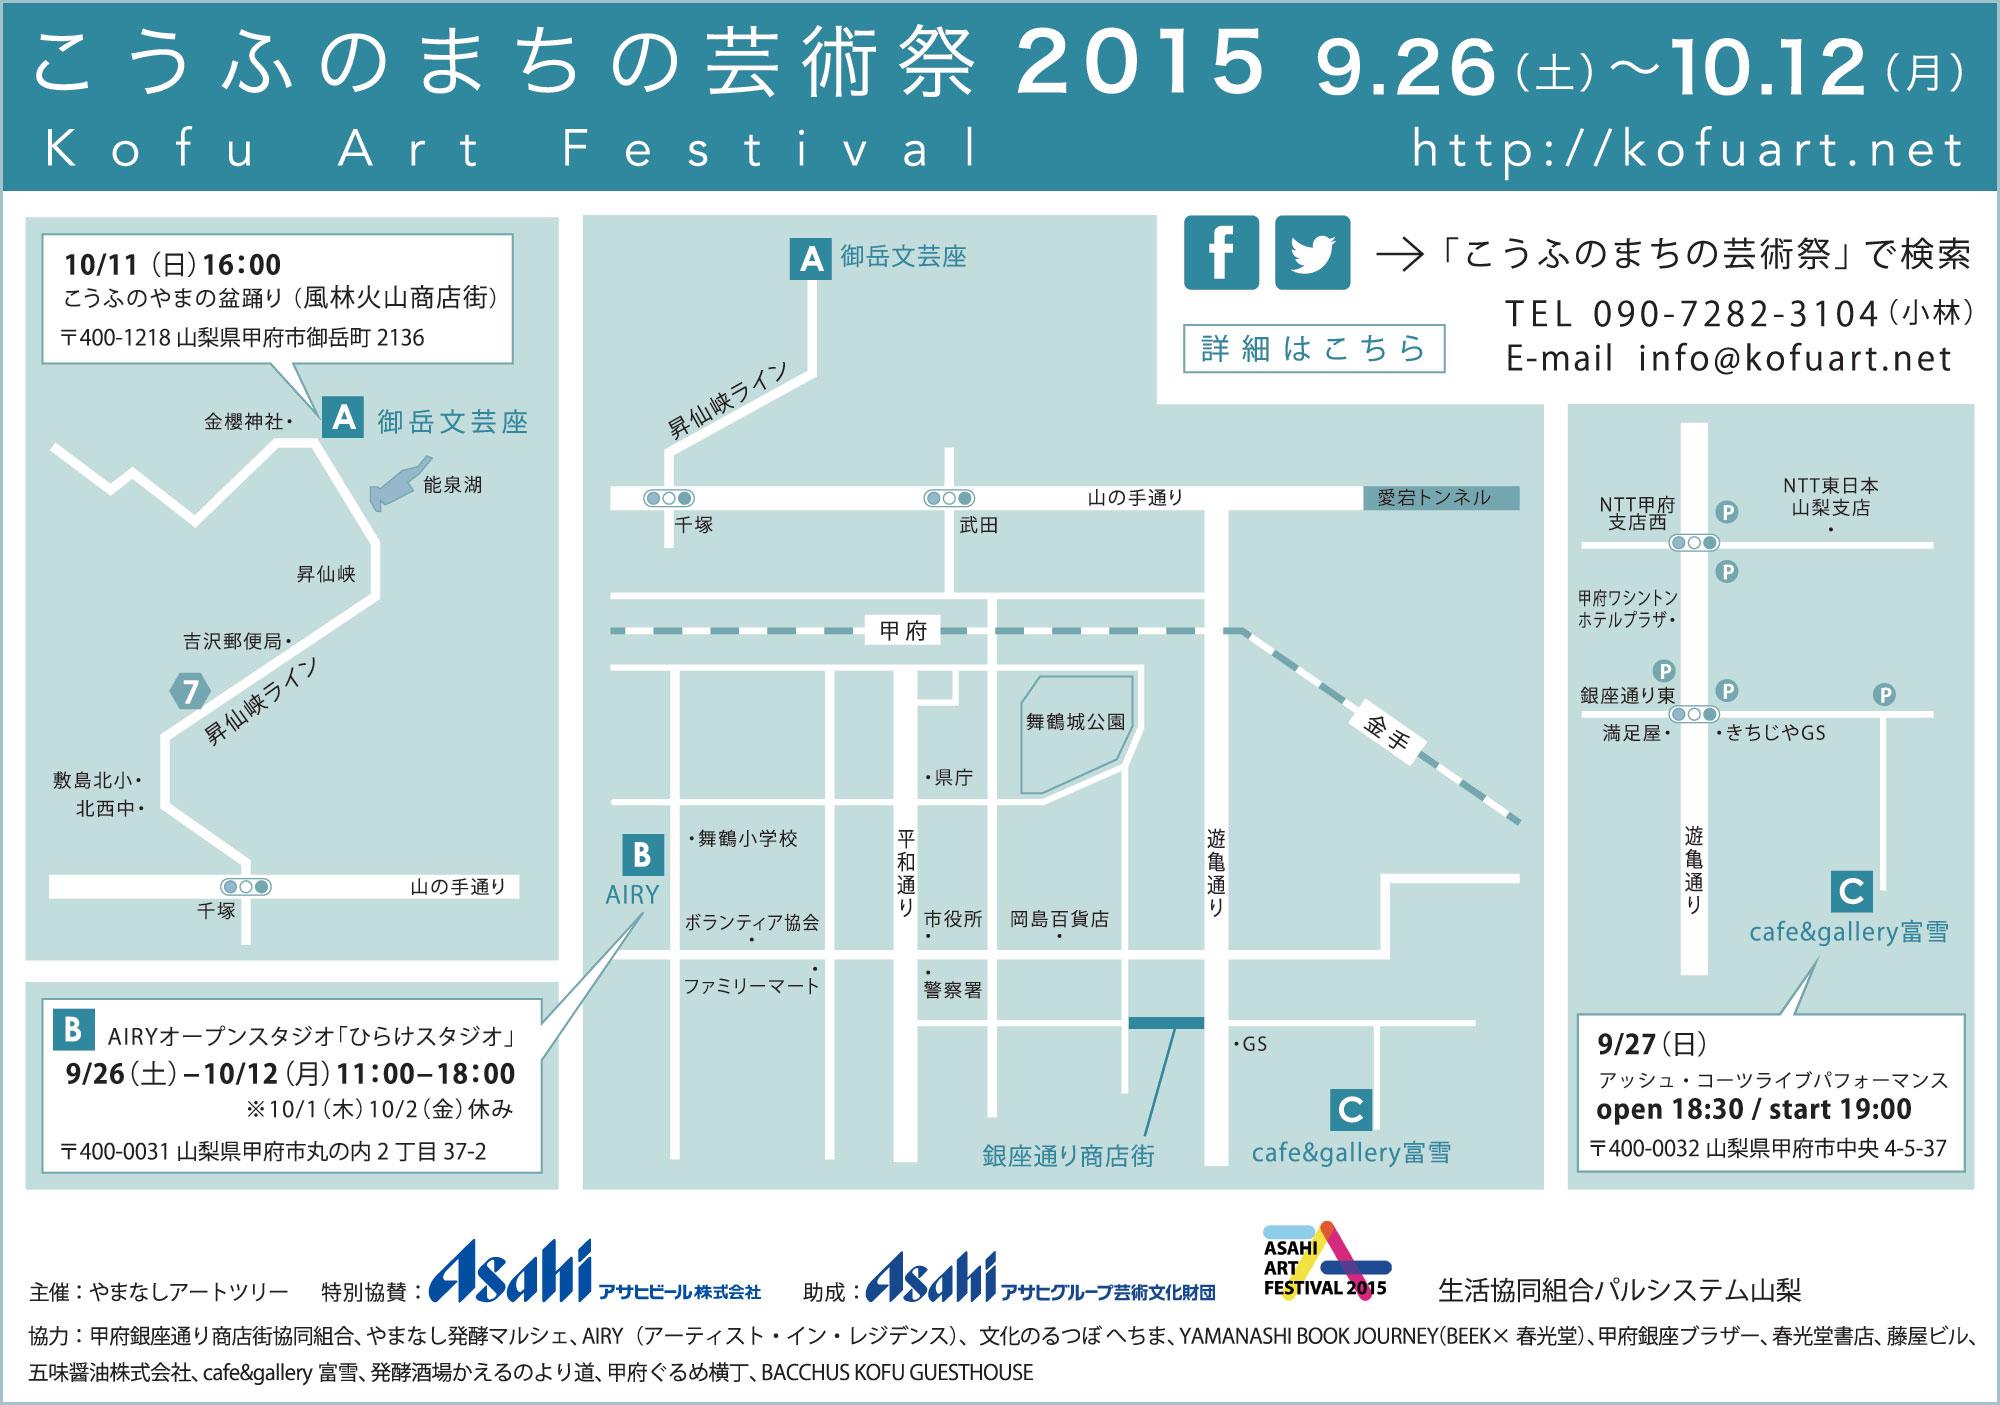 2015マップ 表面